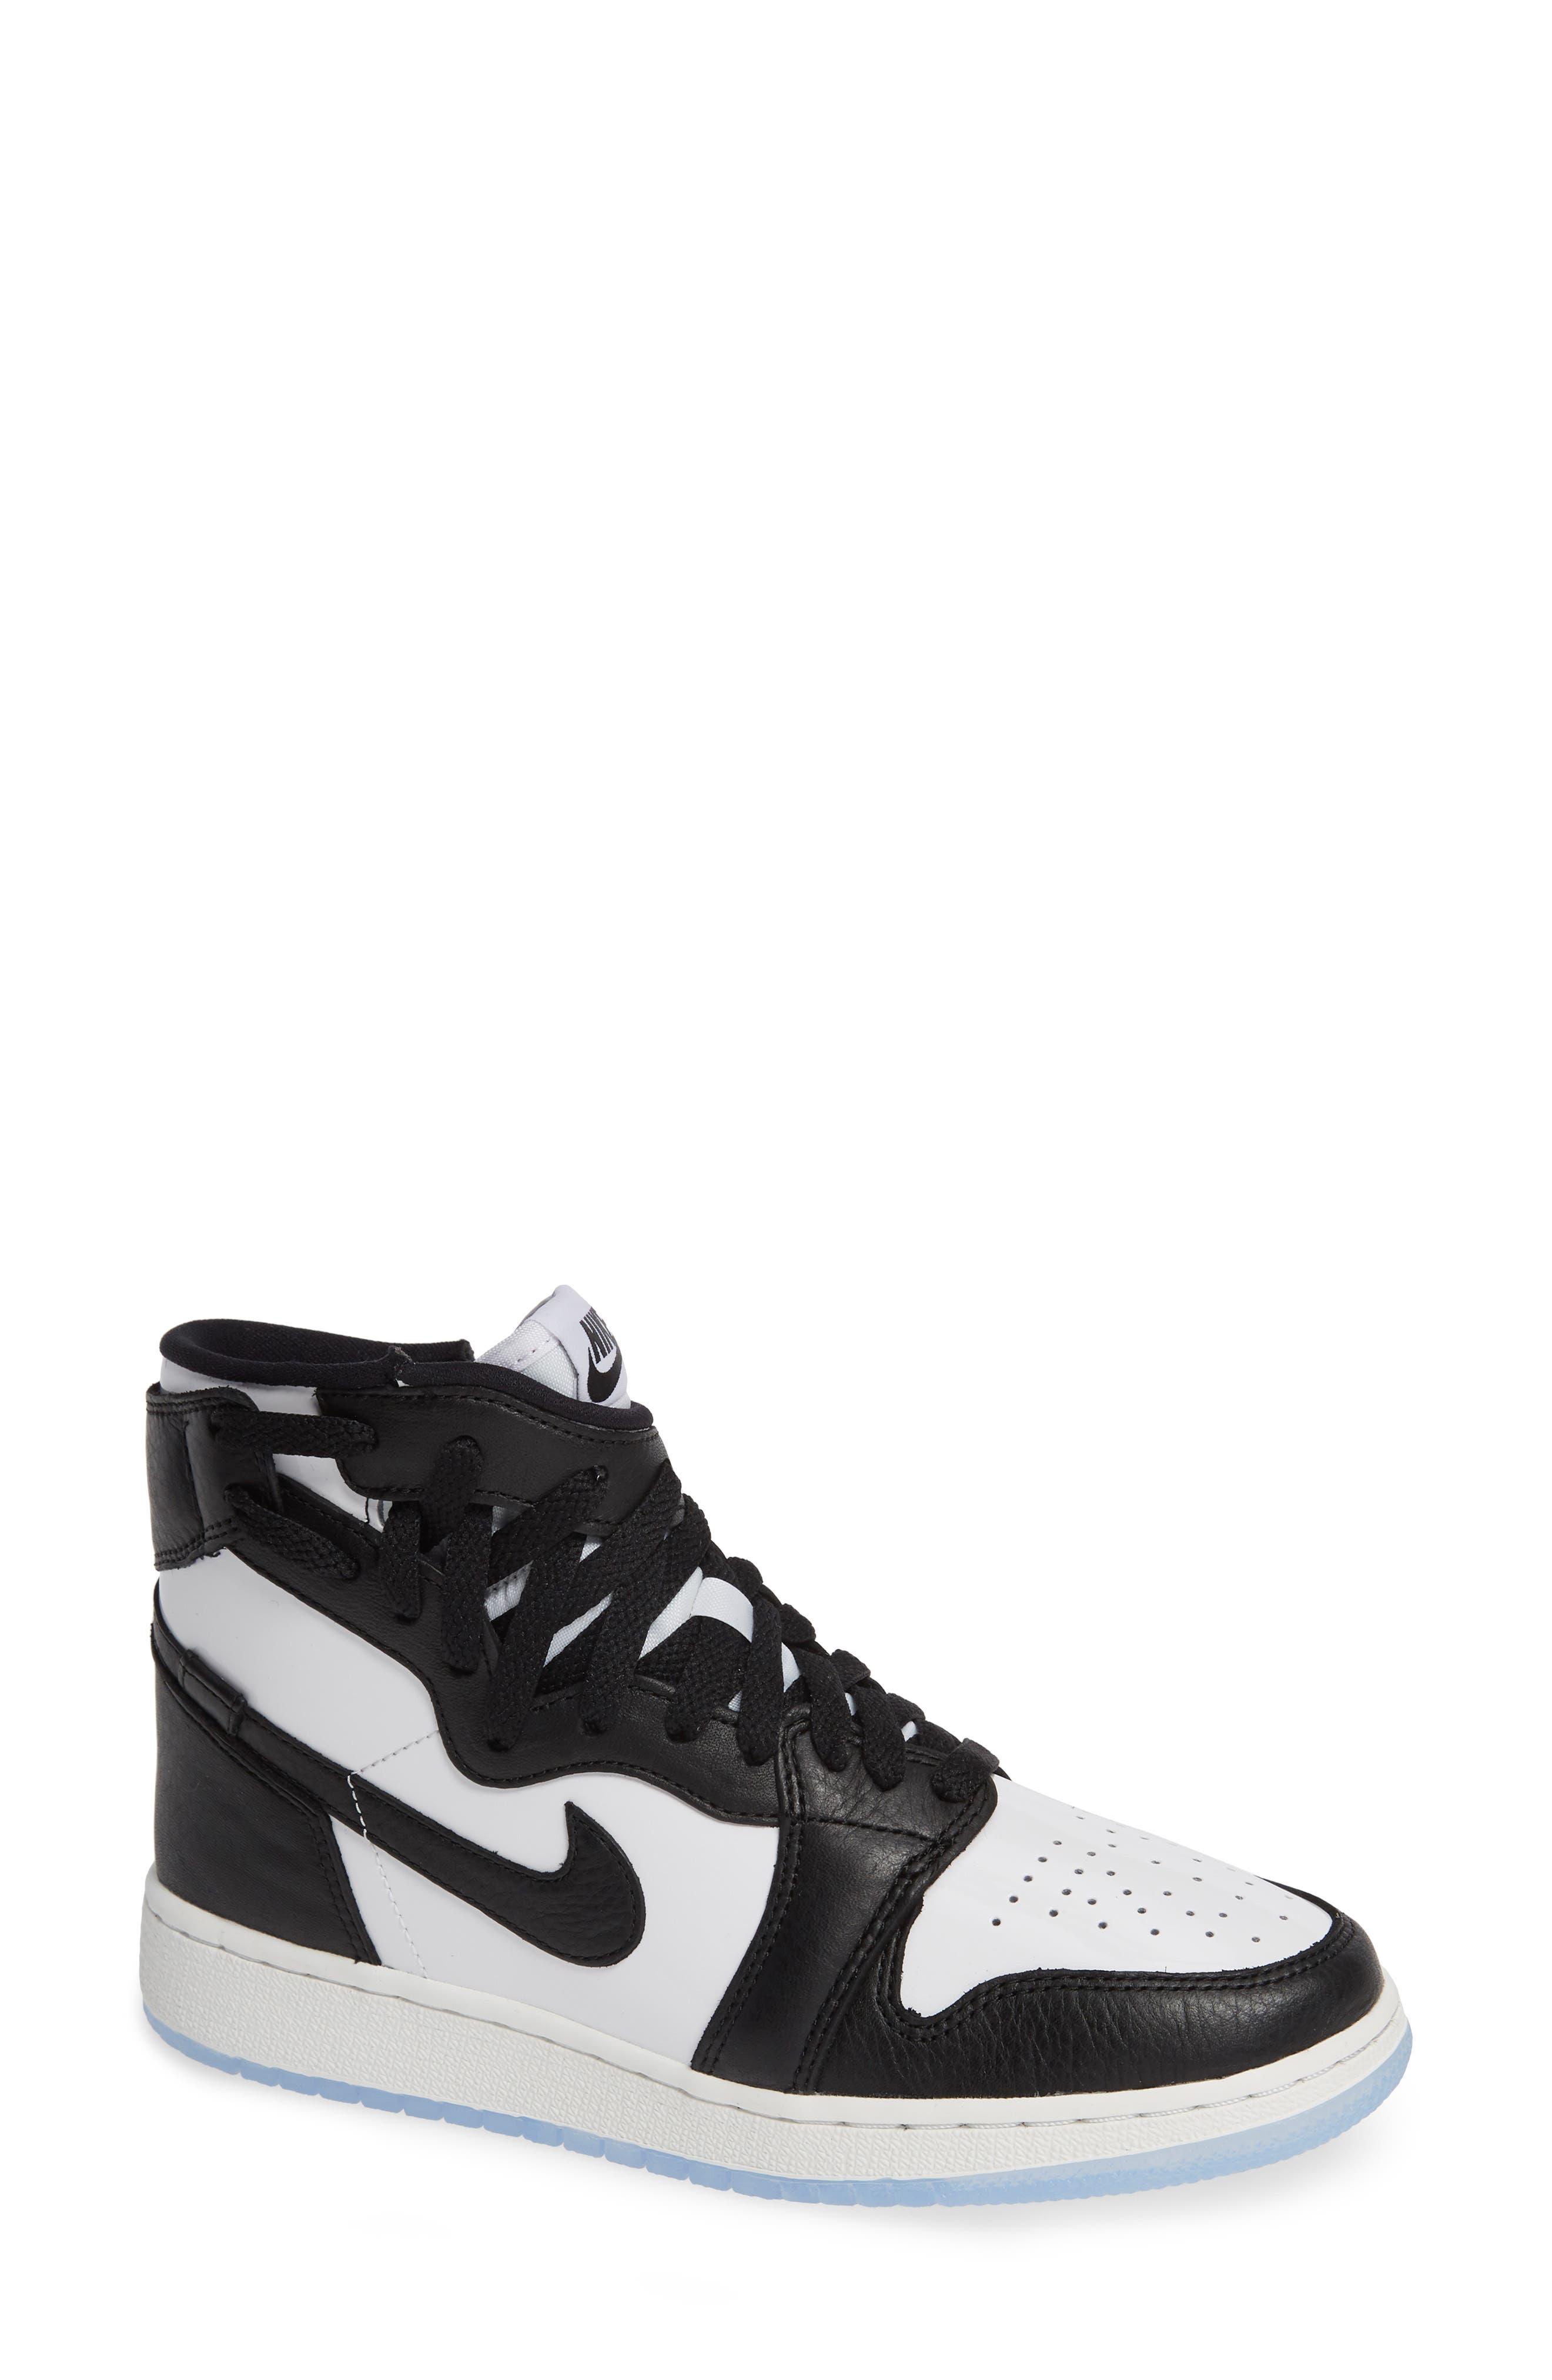 NIKE, Air Jordan 1 Rebel XX High Top Sneaker, Main thumbnail 1, color, BLACK/ BLACK